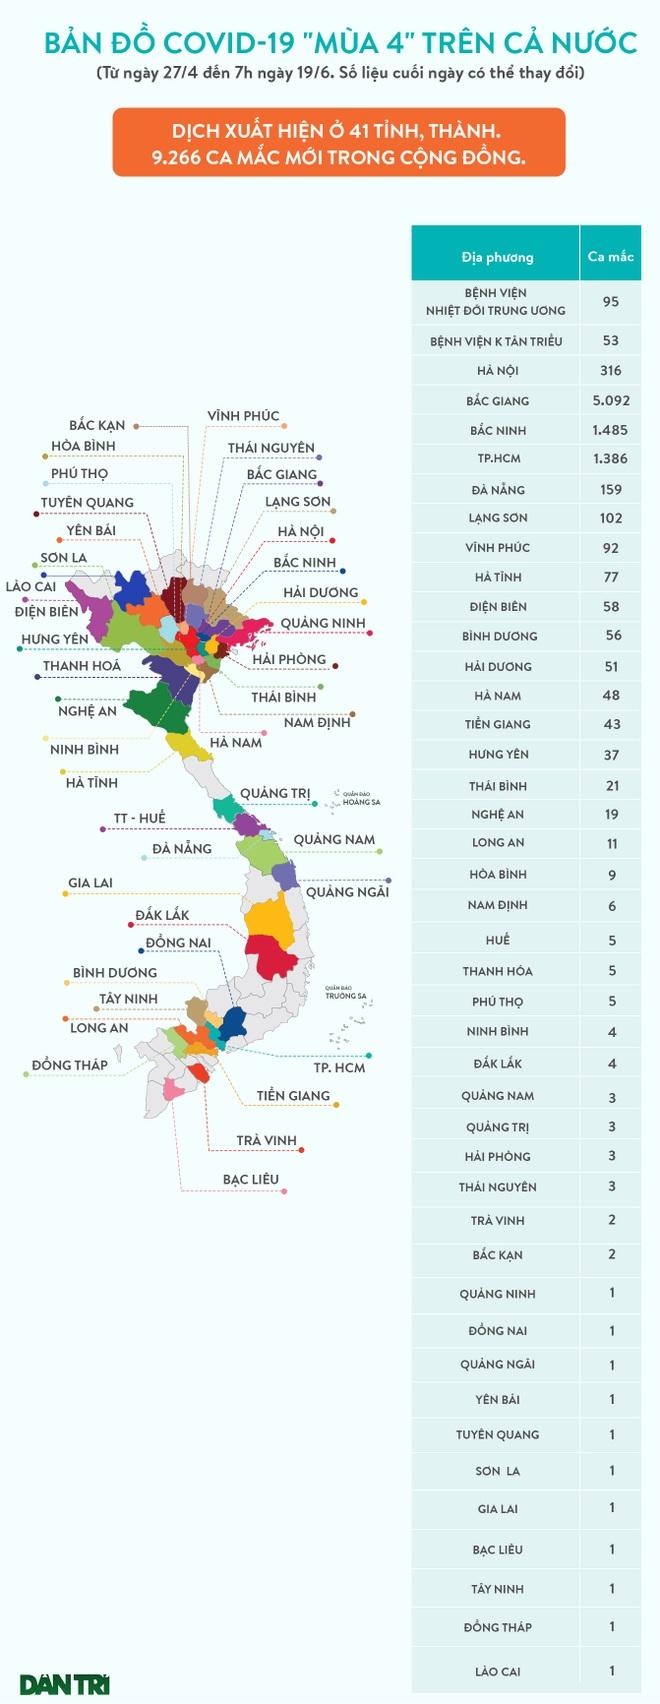 Covid-19 ngày 19/6: Lào Cai có bệnh nhân đầu tiên, TPHCM gần 1.400 ca - 1